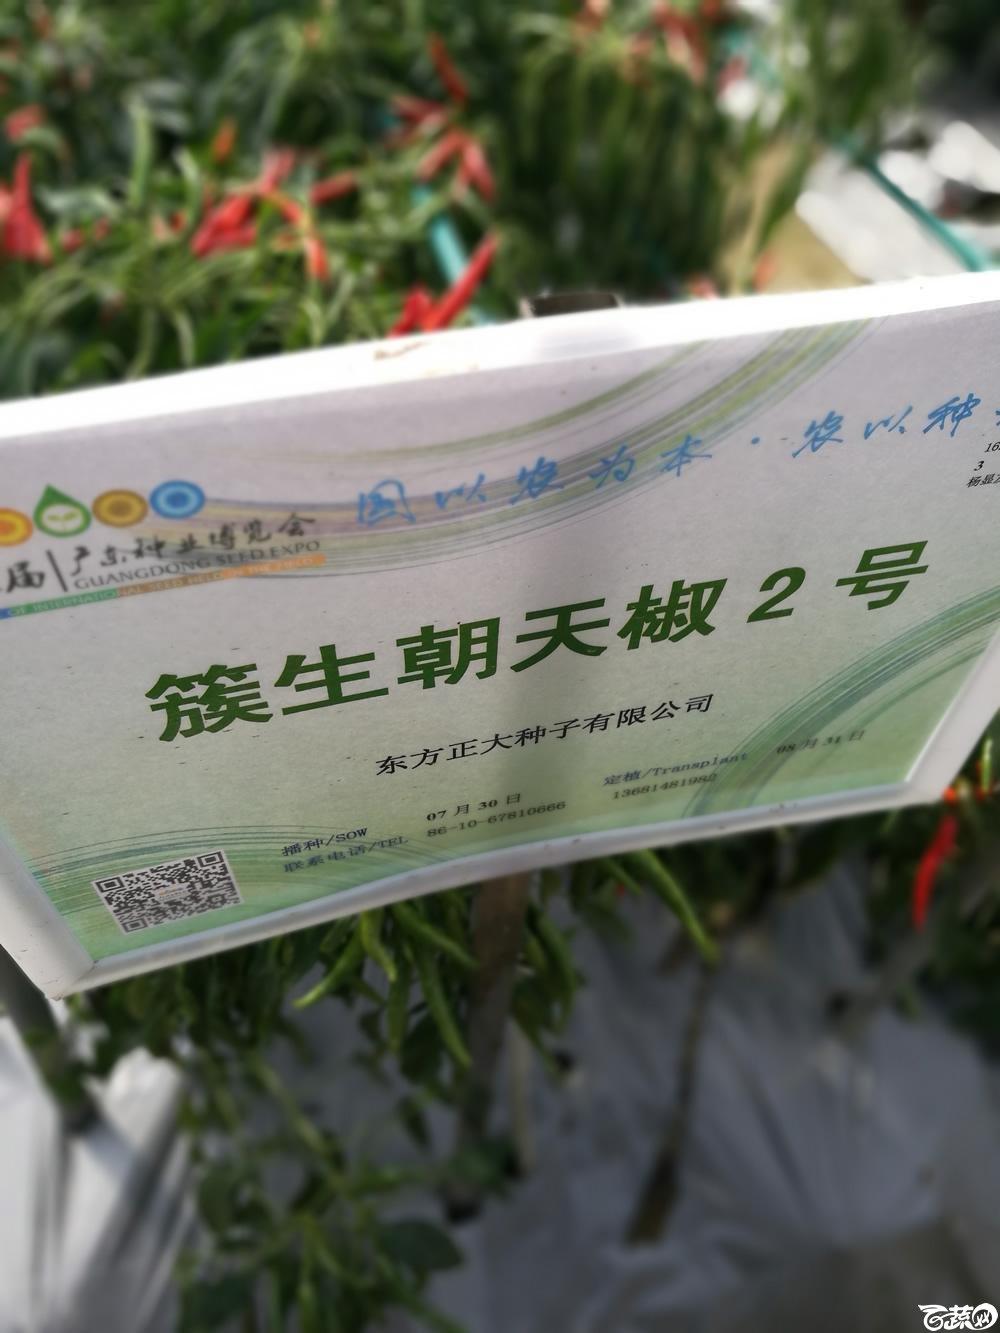 2016年15届广东种博会,东方正大公司簇生朝天椒2号_001.jpg